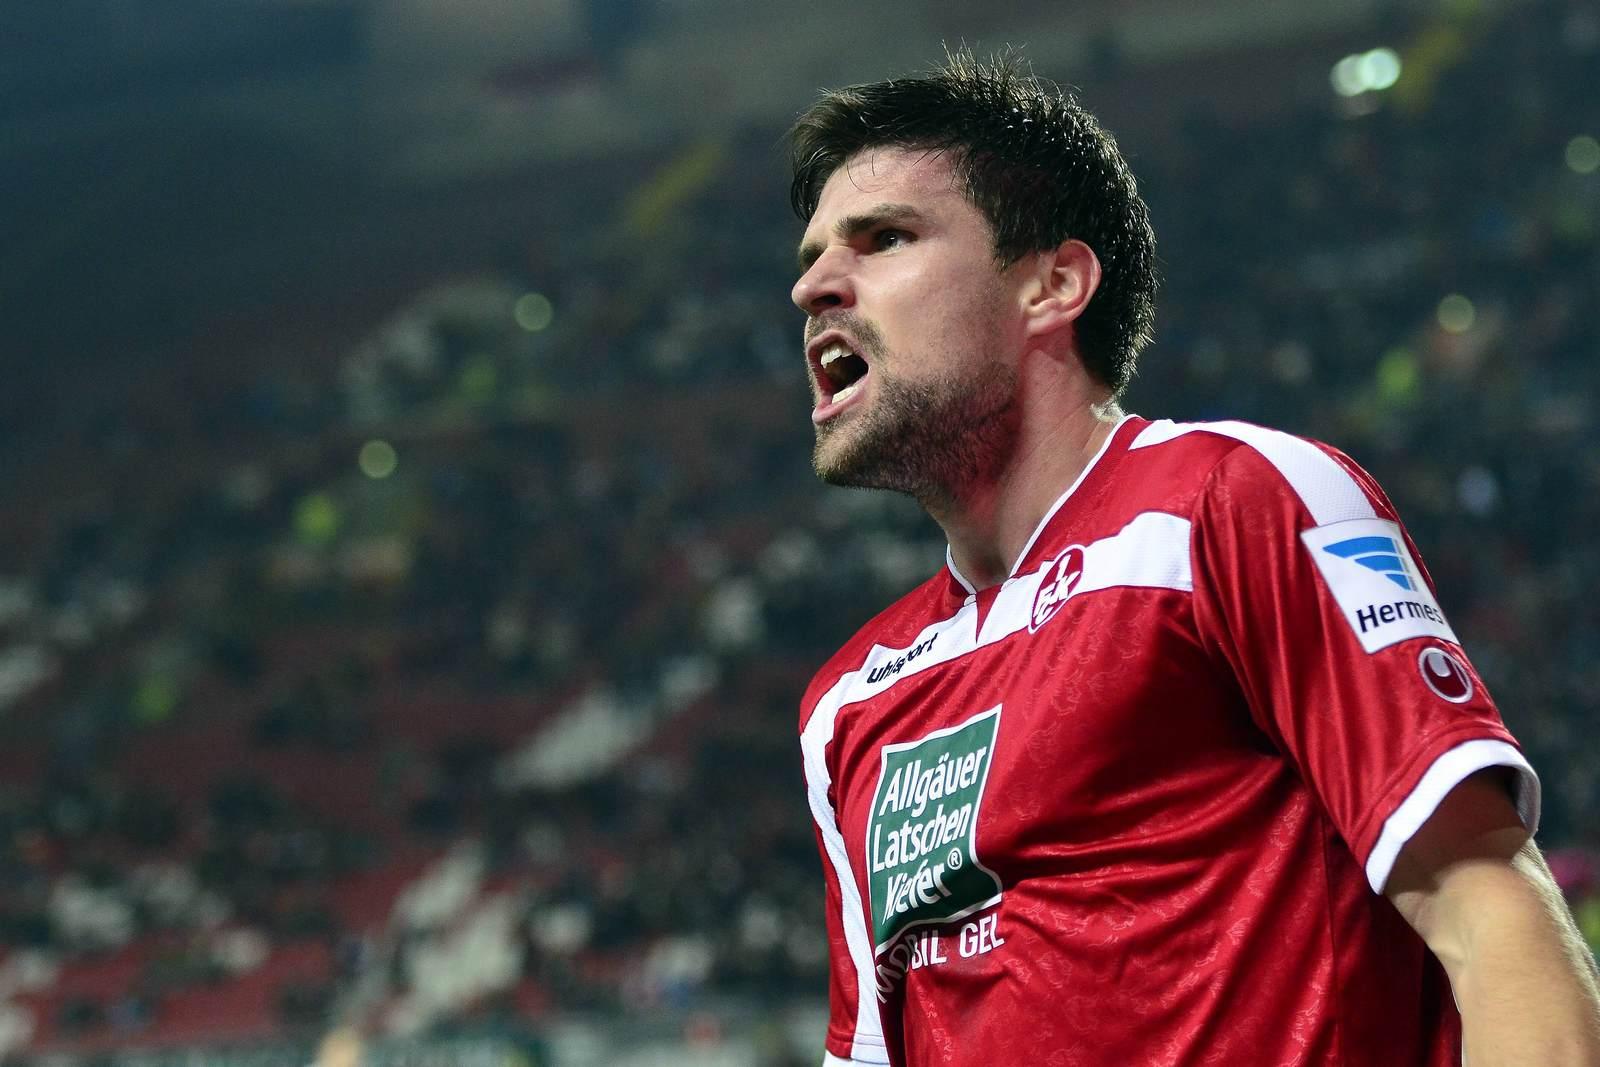 Florian Dick im FCK-Trikot